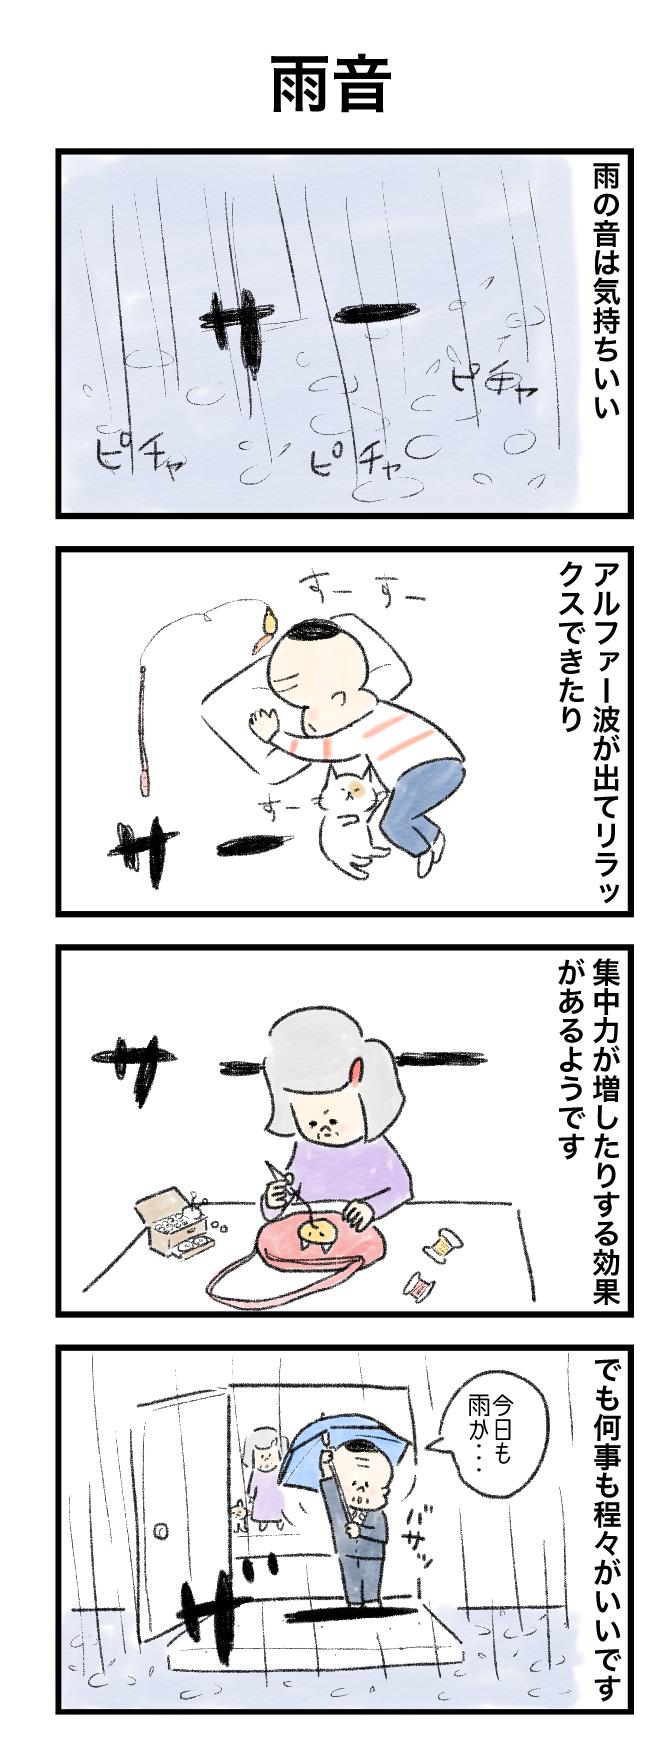 今日の泉谷さん【30】 作:カワサキヒロシ(ごとお日漫画)